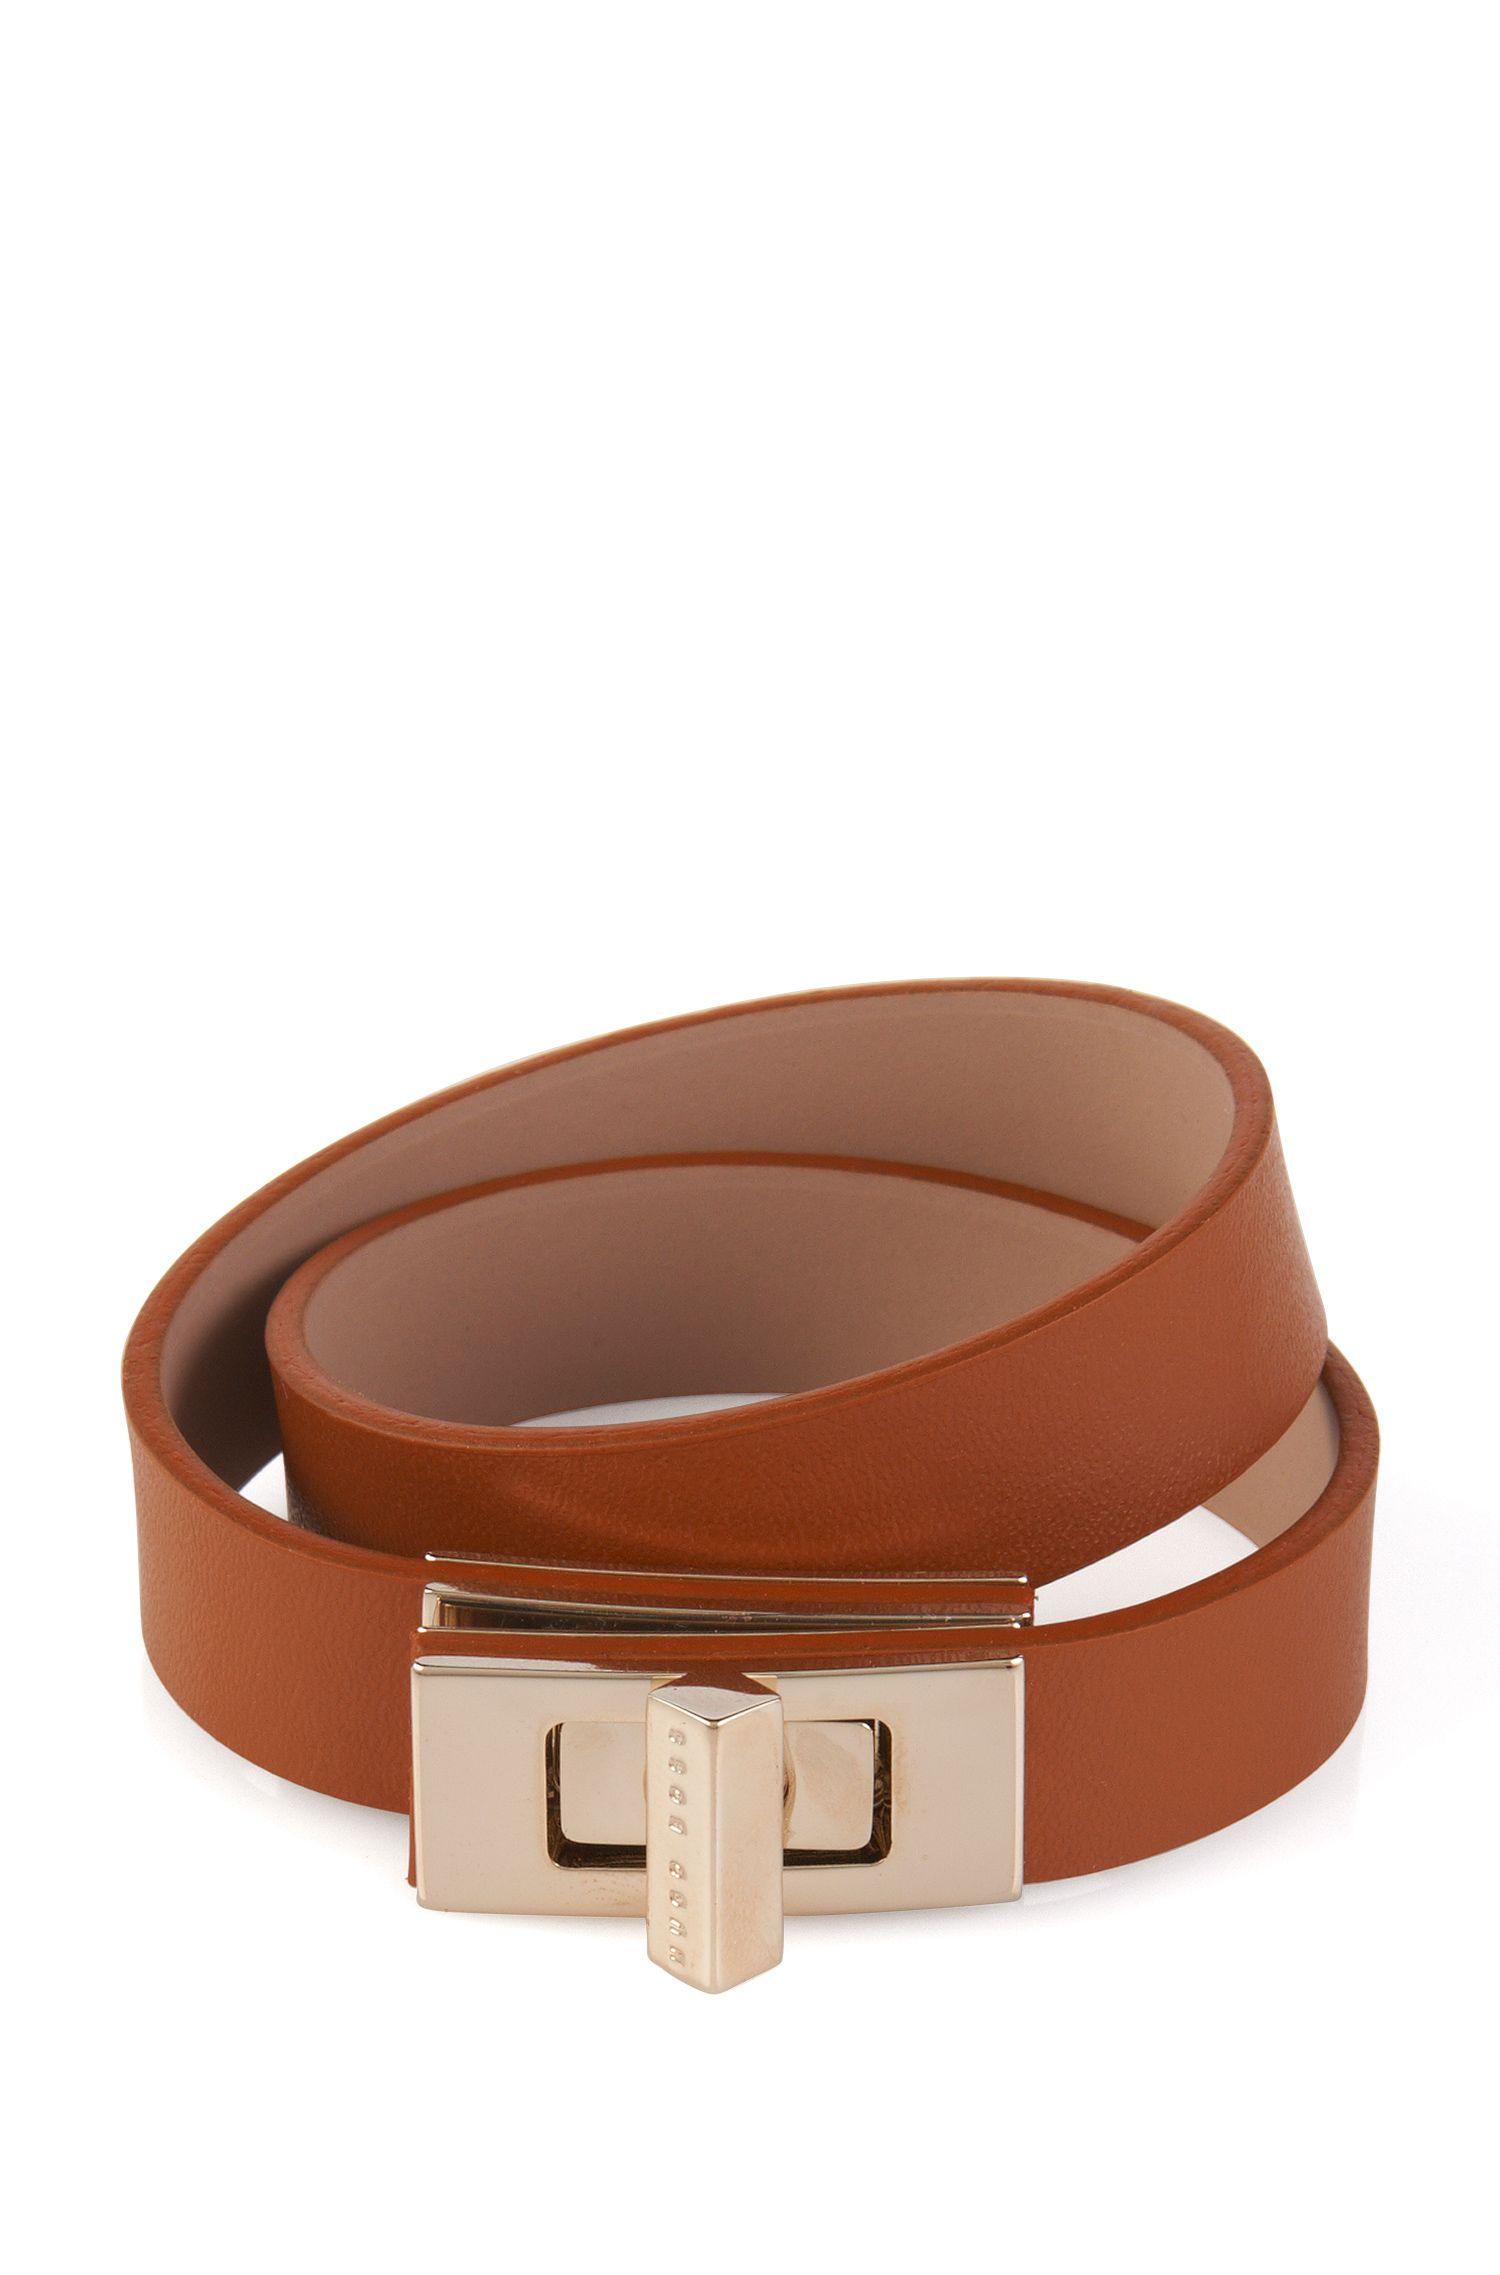 Plain BOSS Bespoke bracelet in leather